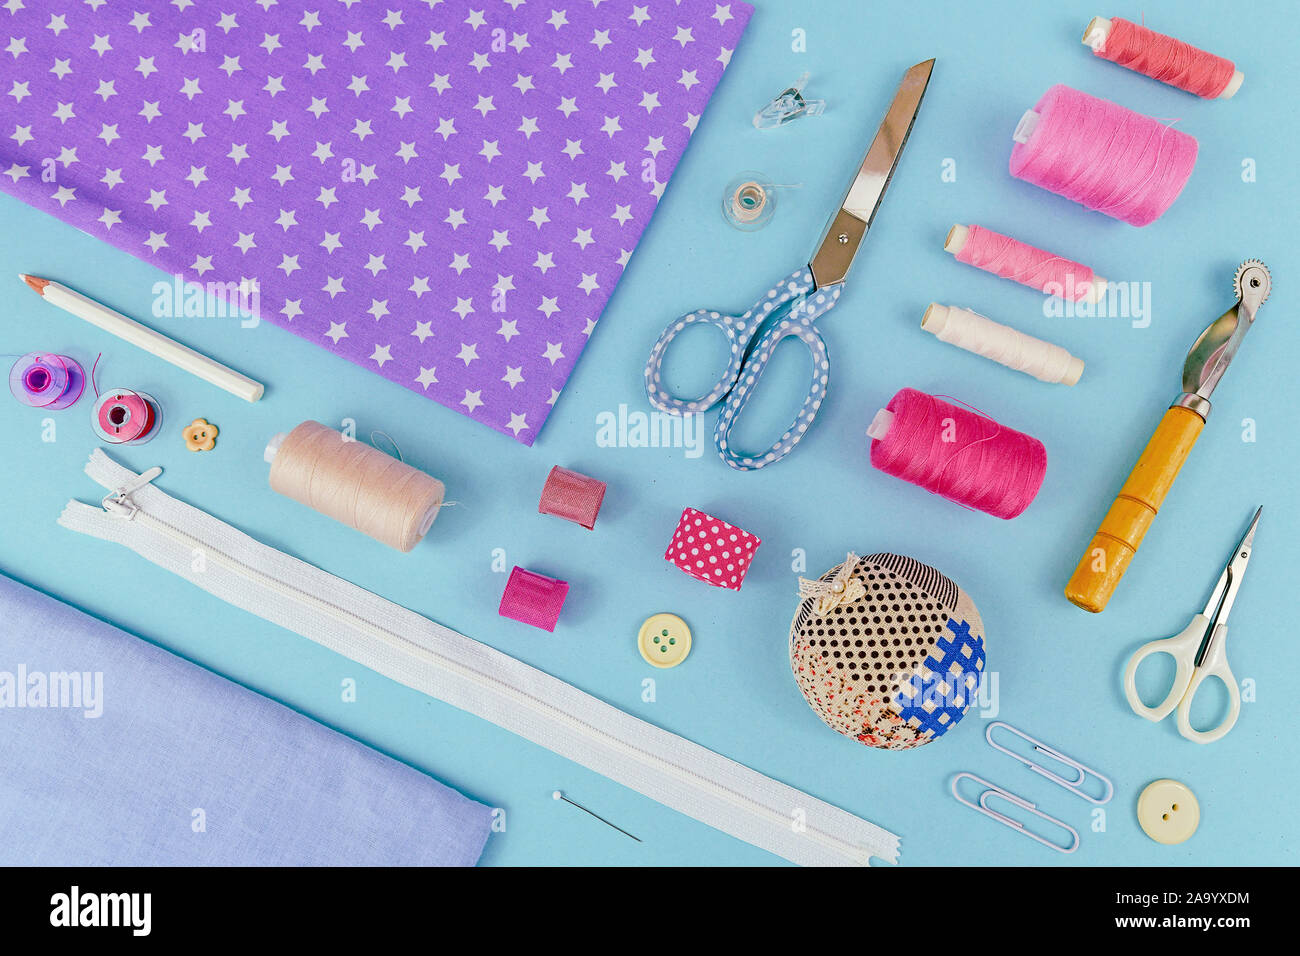 Planos generales sentar con diferentes herramientas como costura, tejido de hilo, zipper, tijeras, el carrete, hilo separador, almohadón o la segadora rotativa en b Foto de stock